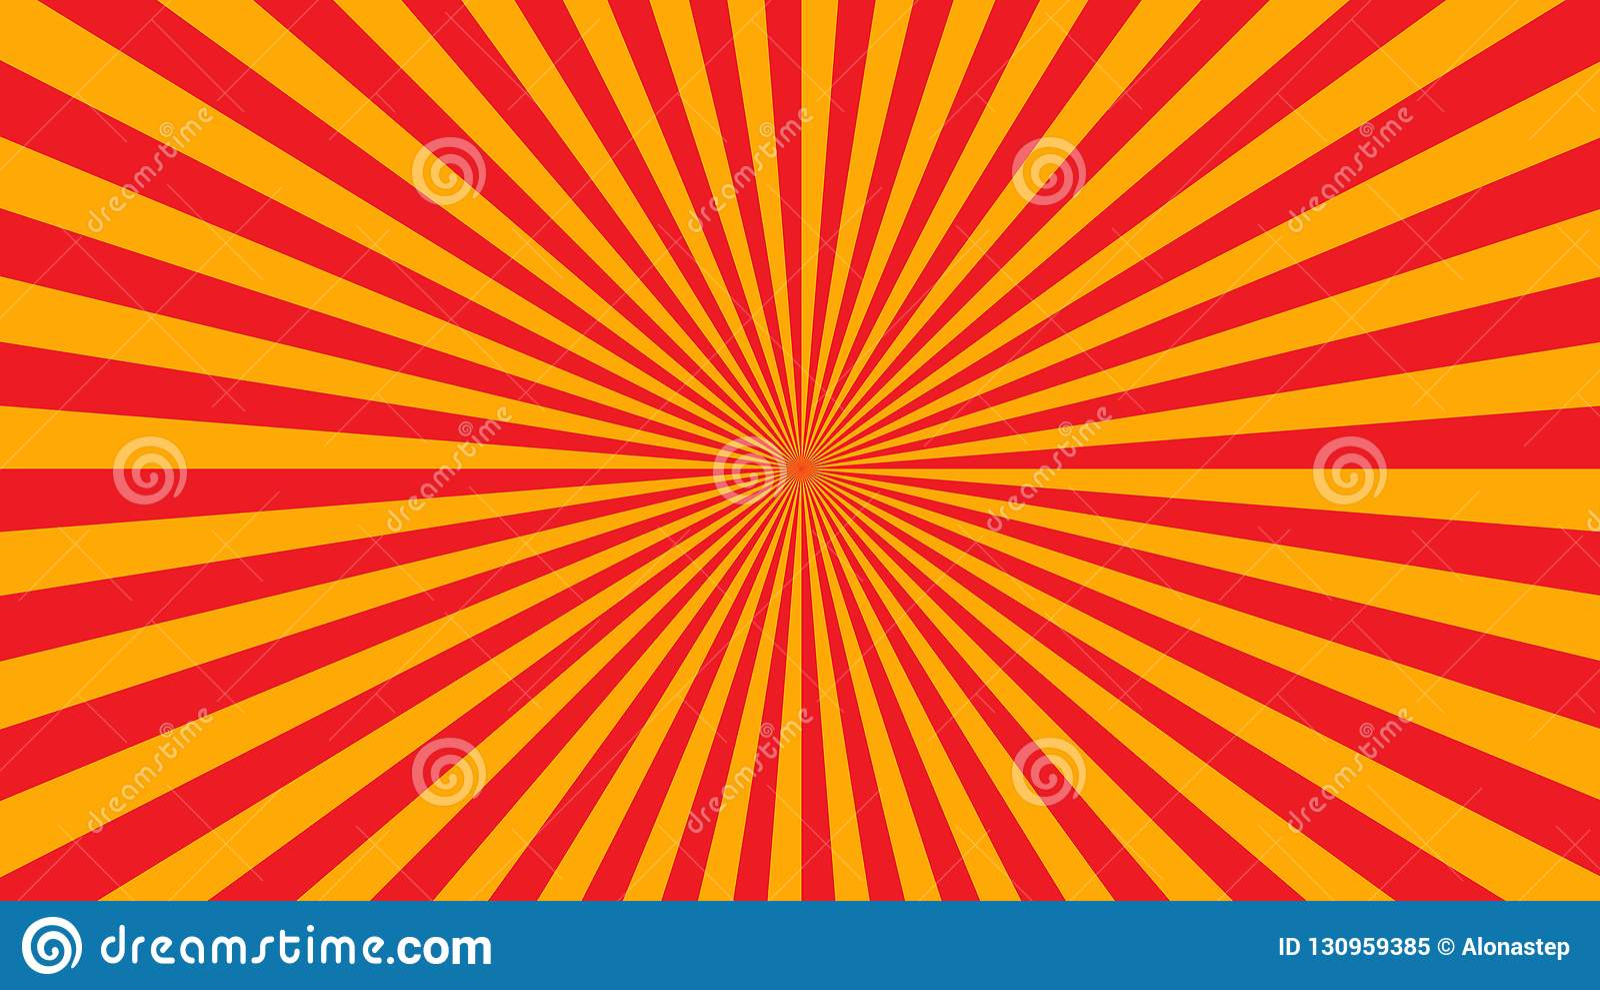 橙黄光芒海报